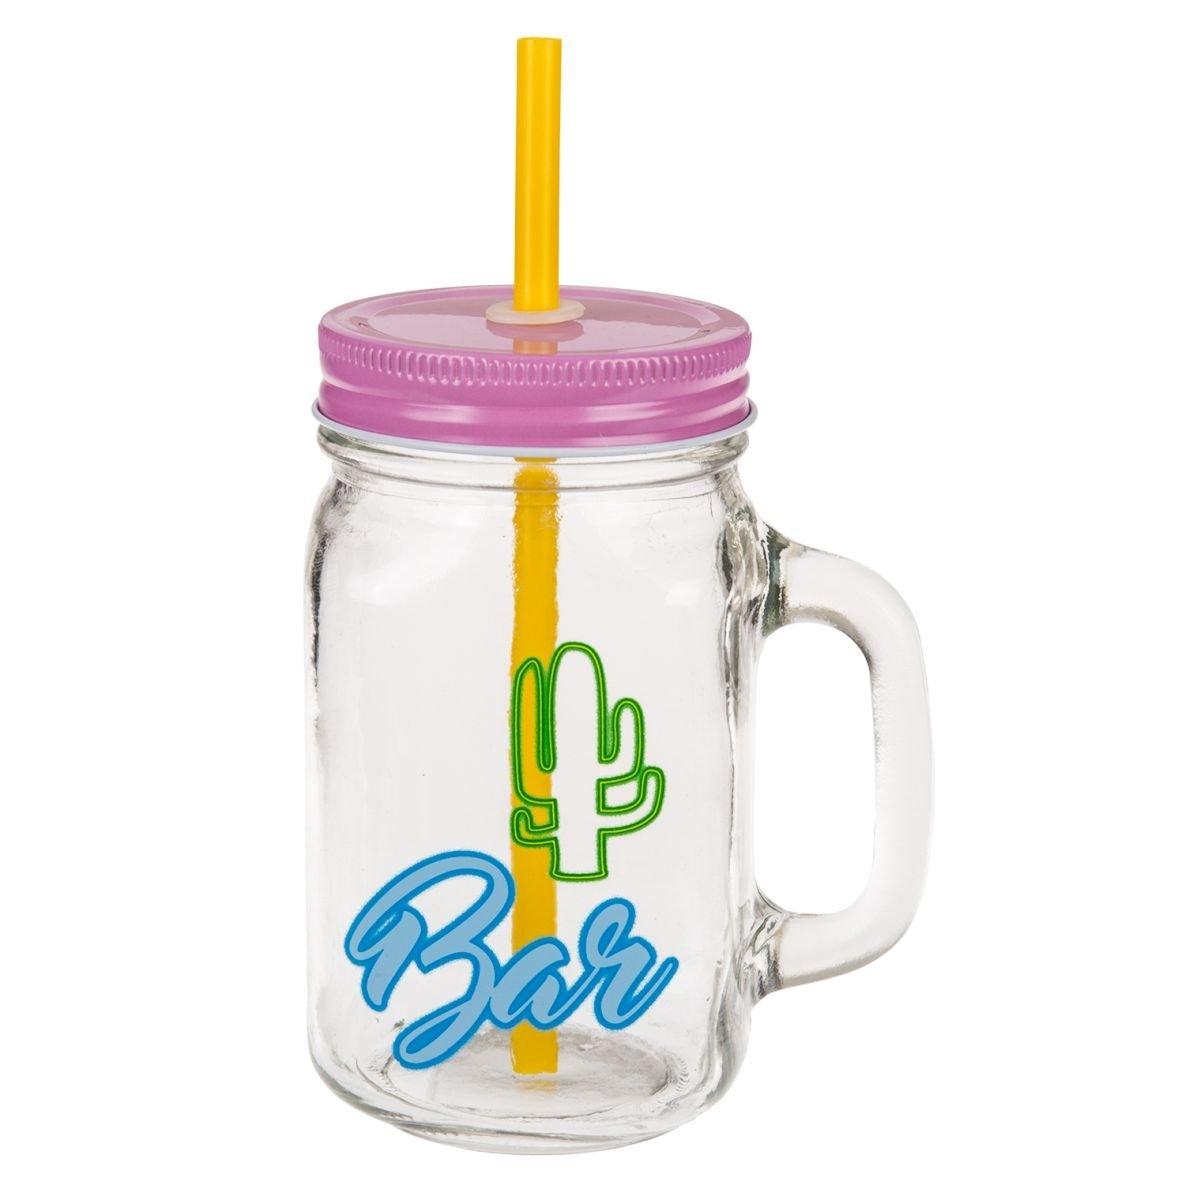 Palmen Kaktus Martini-Glas Trinkgl/äser Retro Summer mit Deckel und Strohhalm Bieten Schutz vor Insekten. 4 Motive//Farbkombinationen: Flamingo 450 ml Ma/ße je Glas: 13,5 x 7 x 7 cm 6er-Set